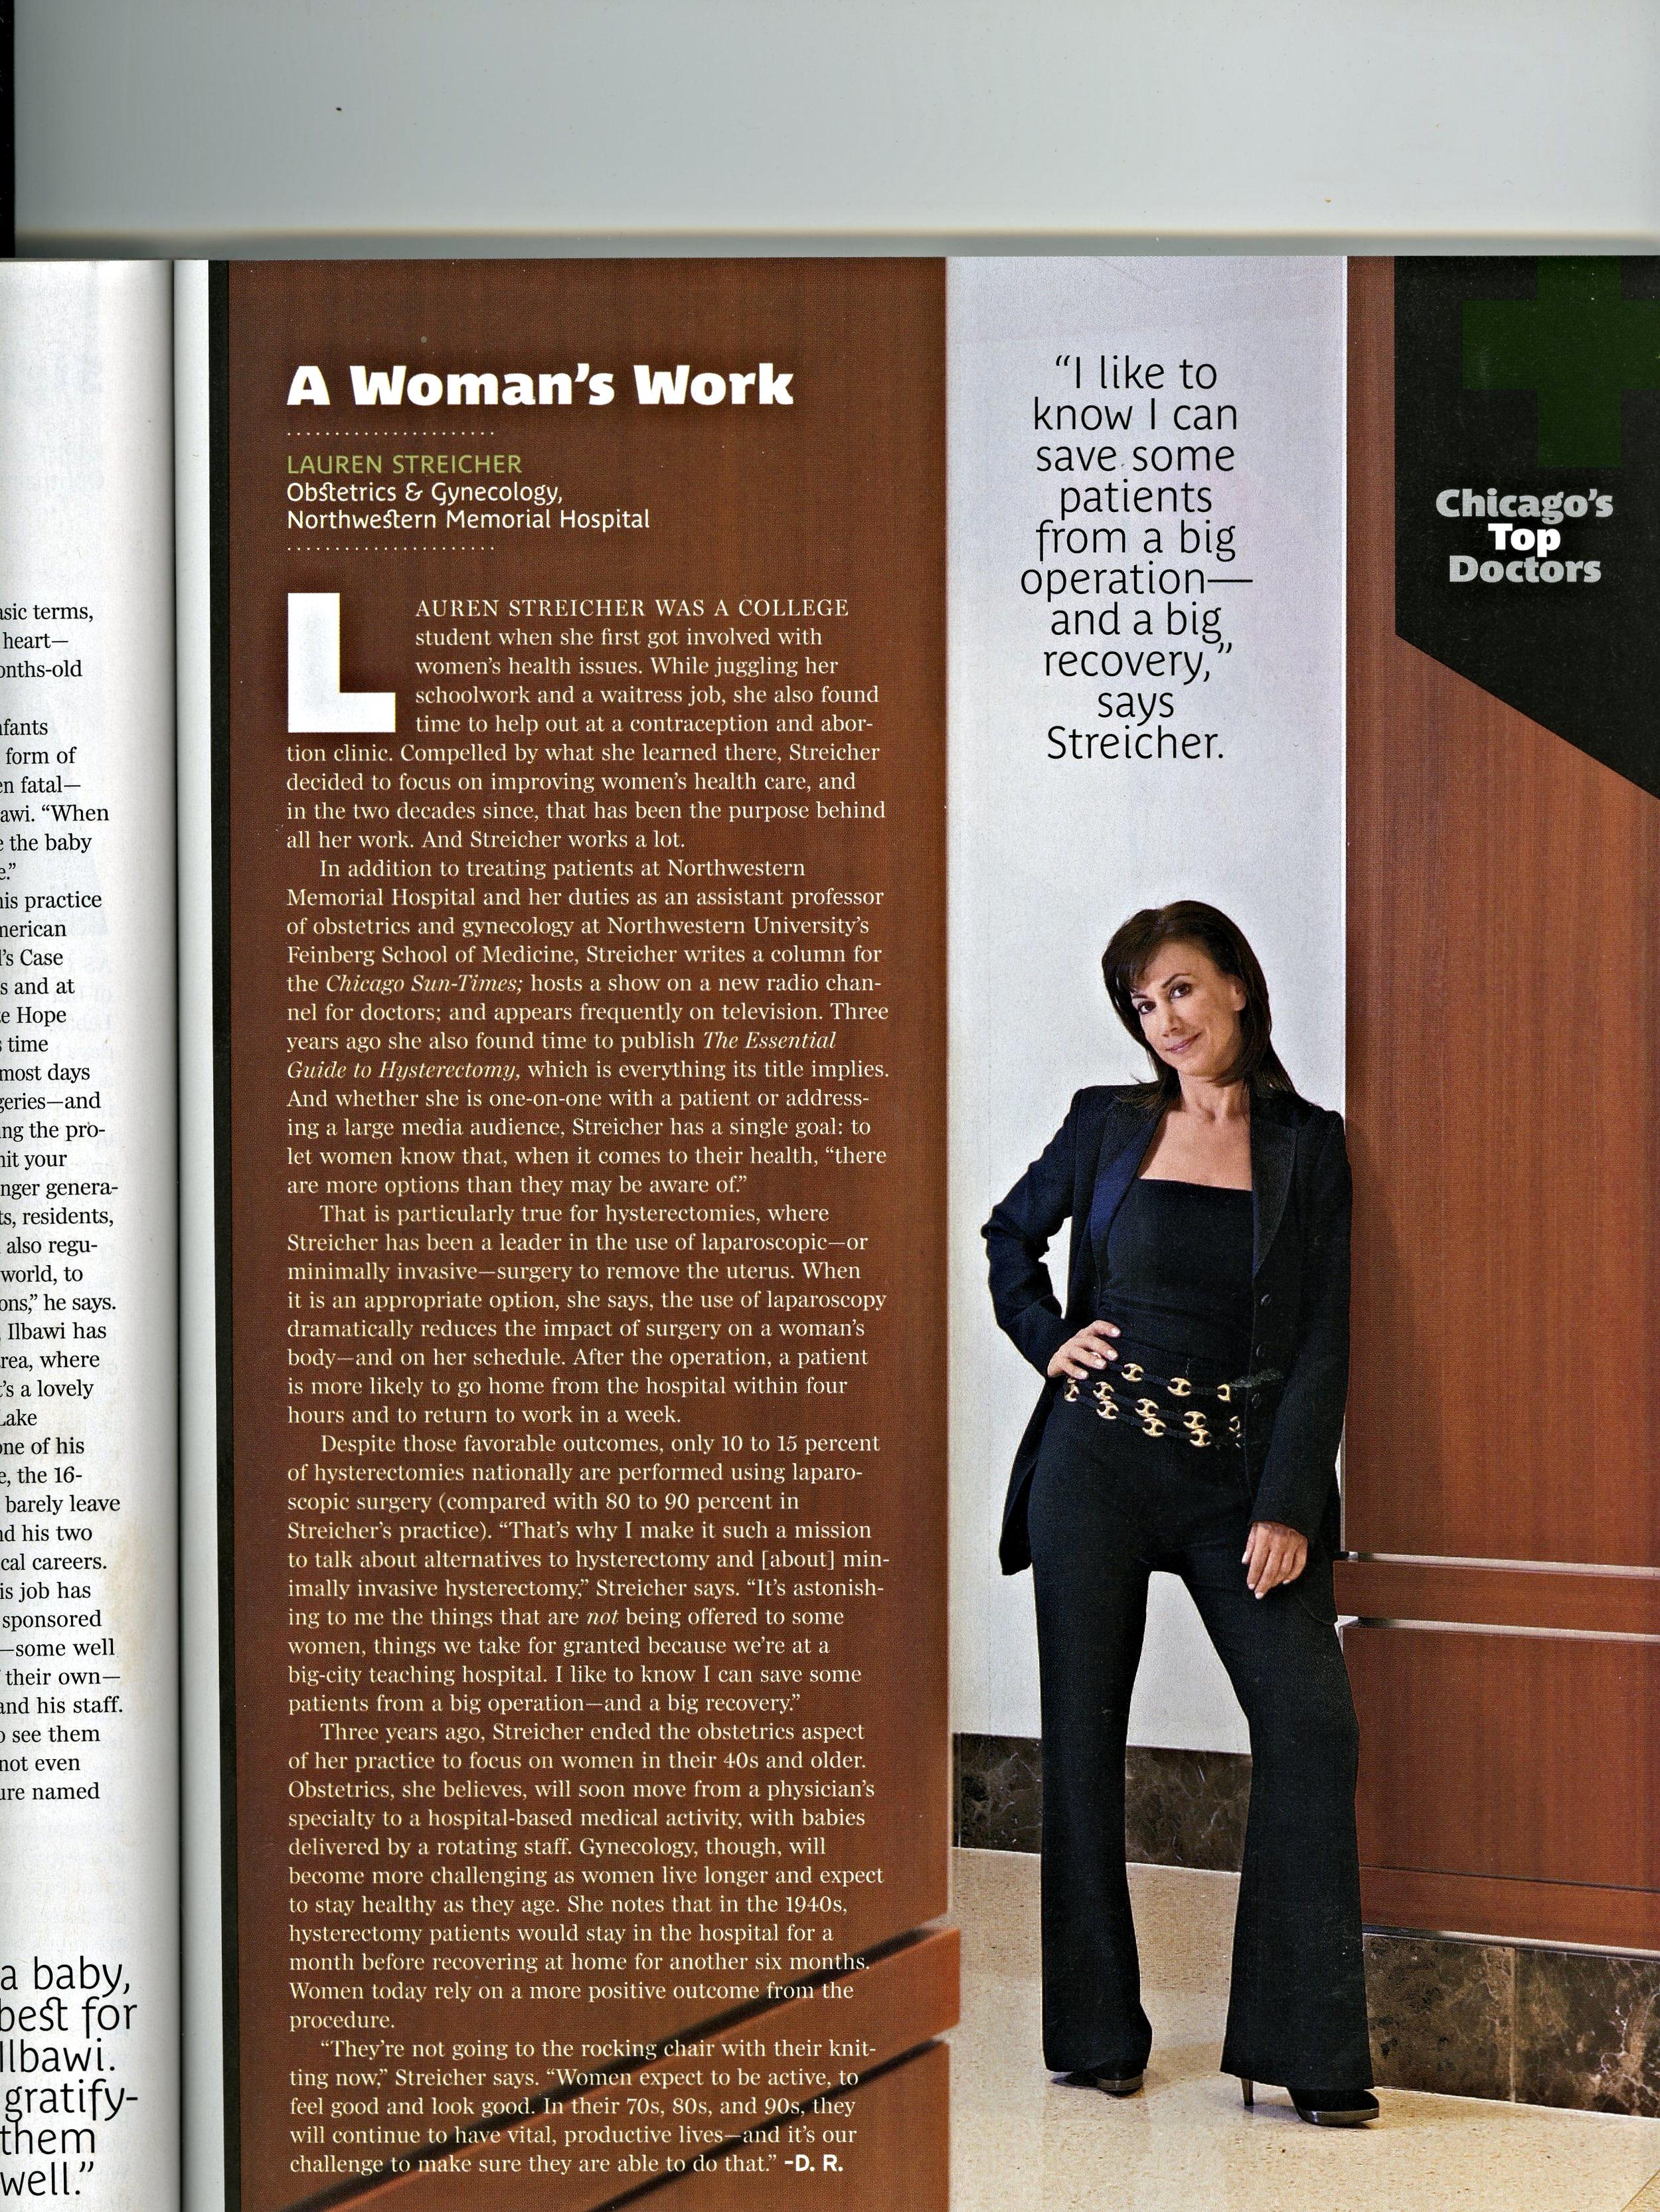 Streicher  Chicago Magazine Top Doctor article.jpg